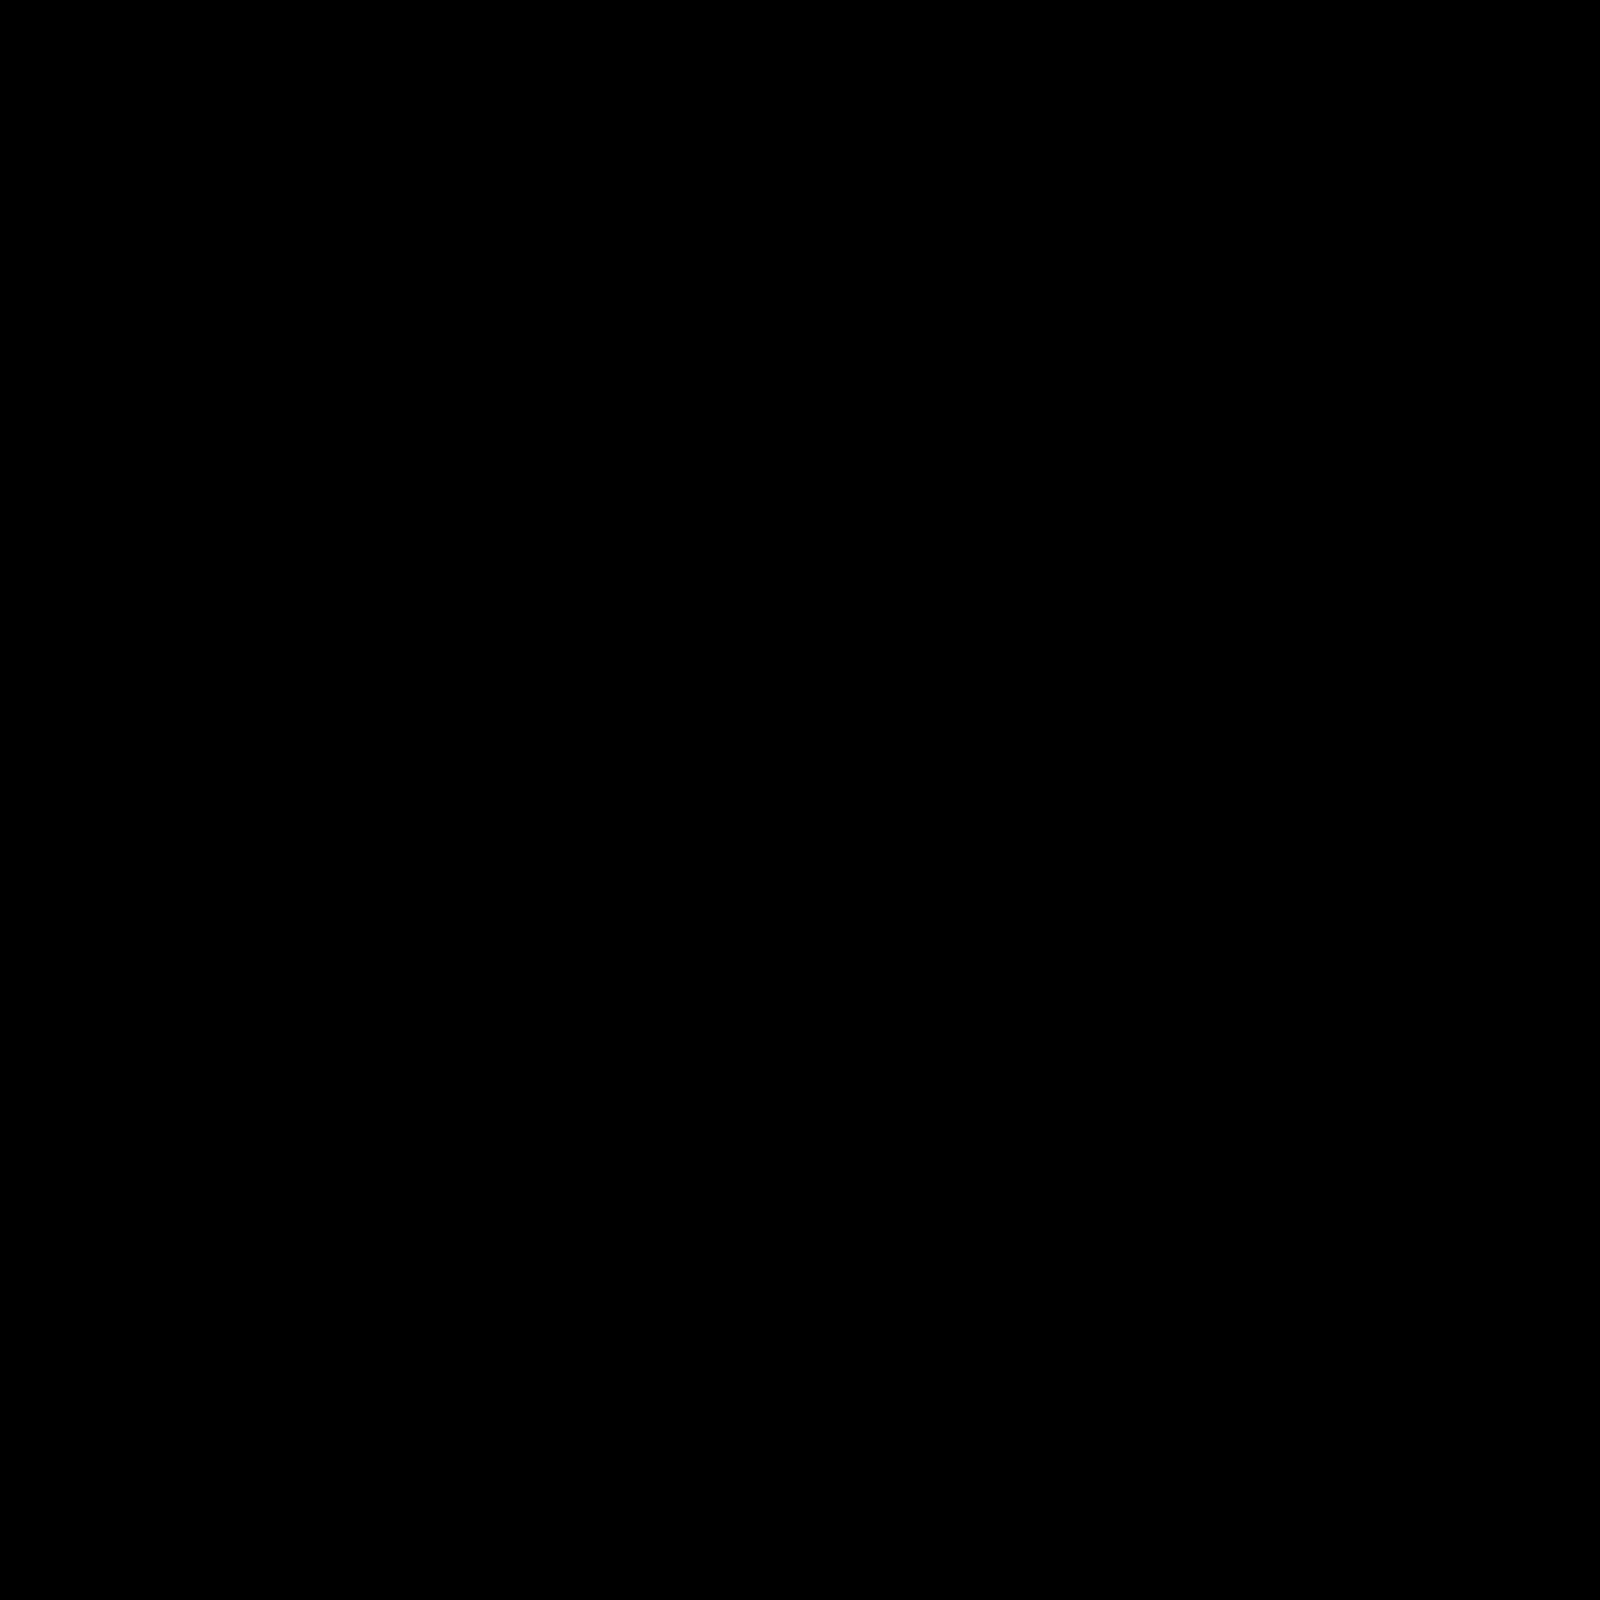 Caffettiera icon